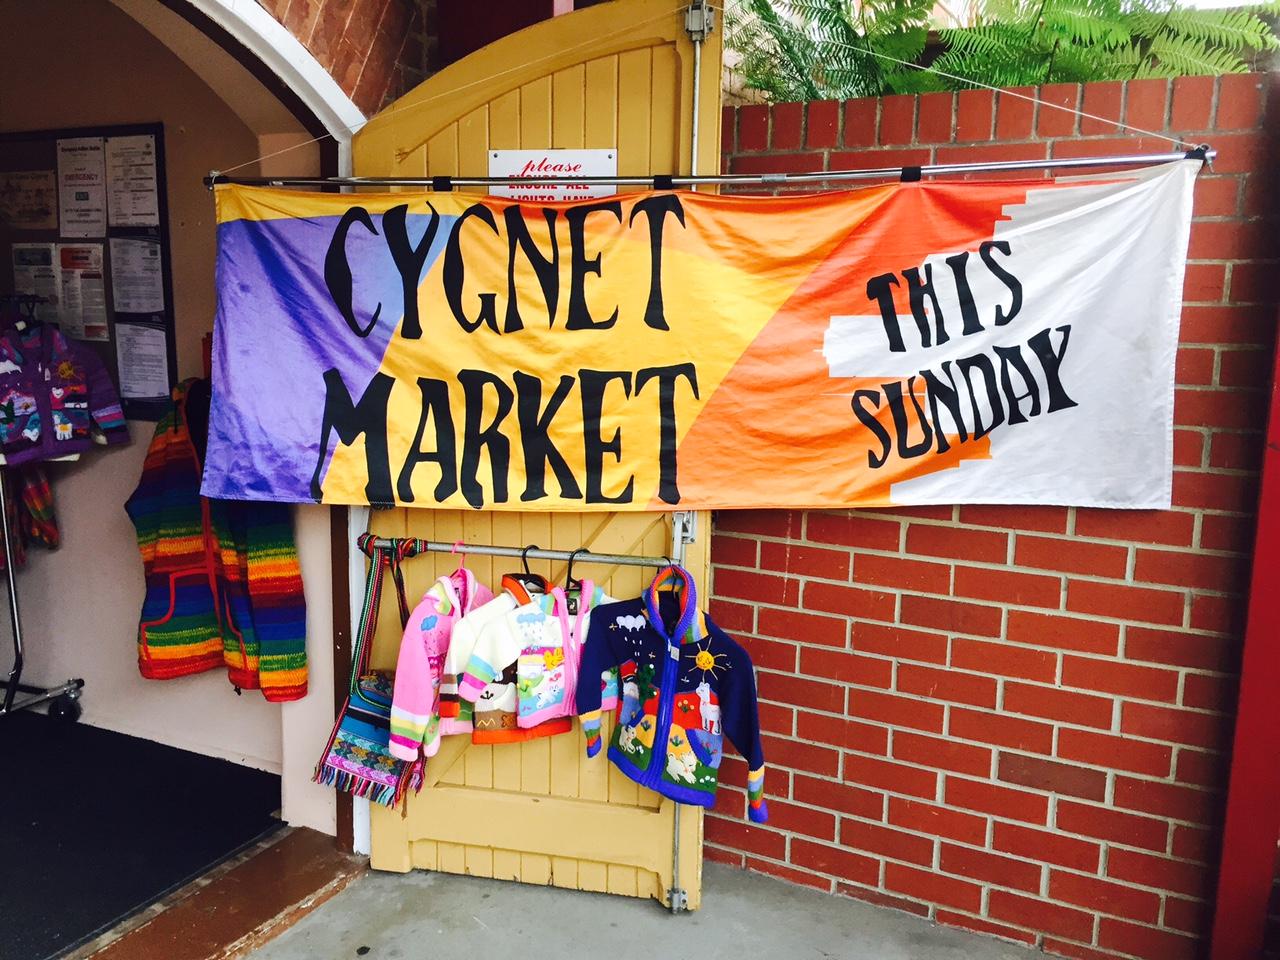 Cygnet Market